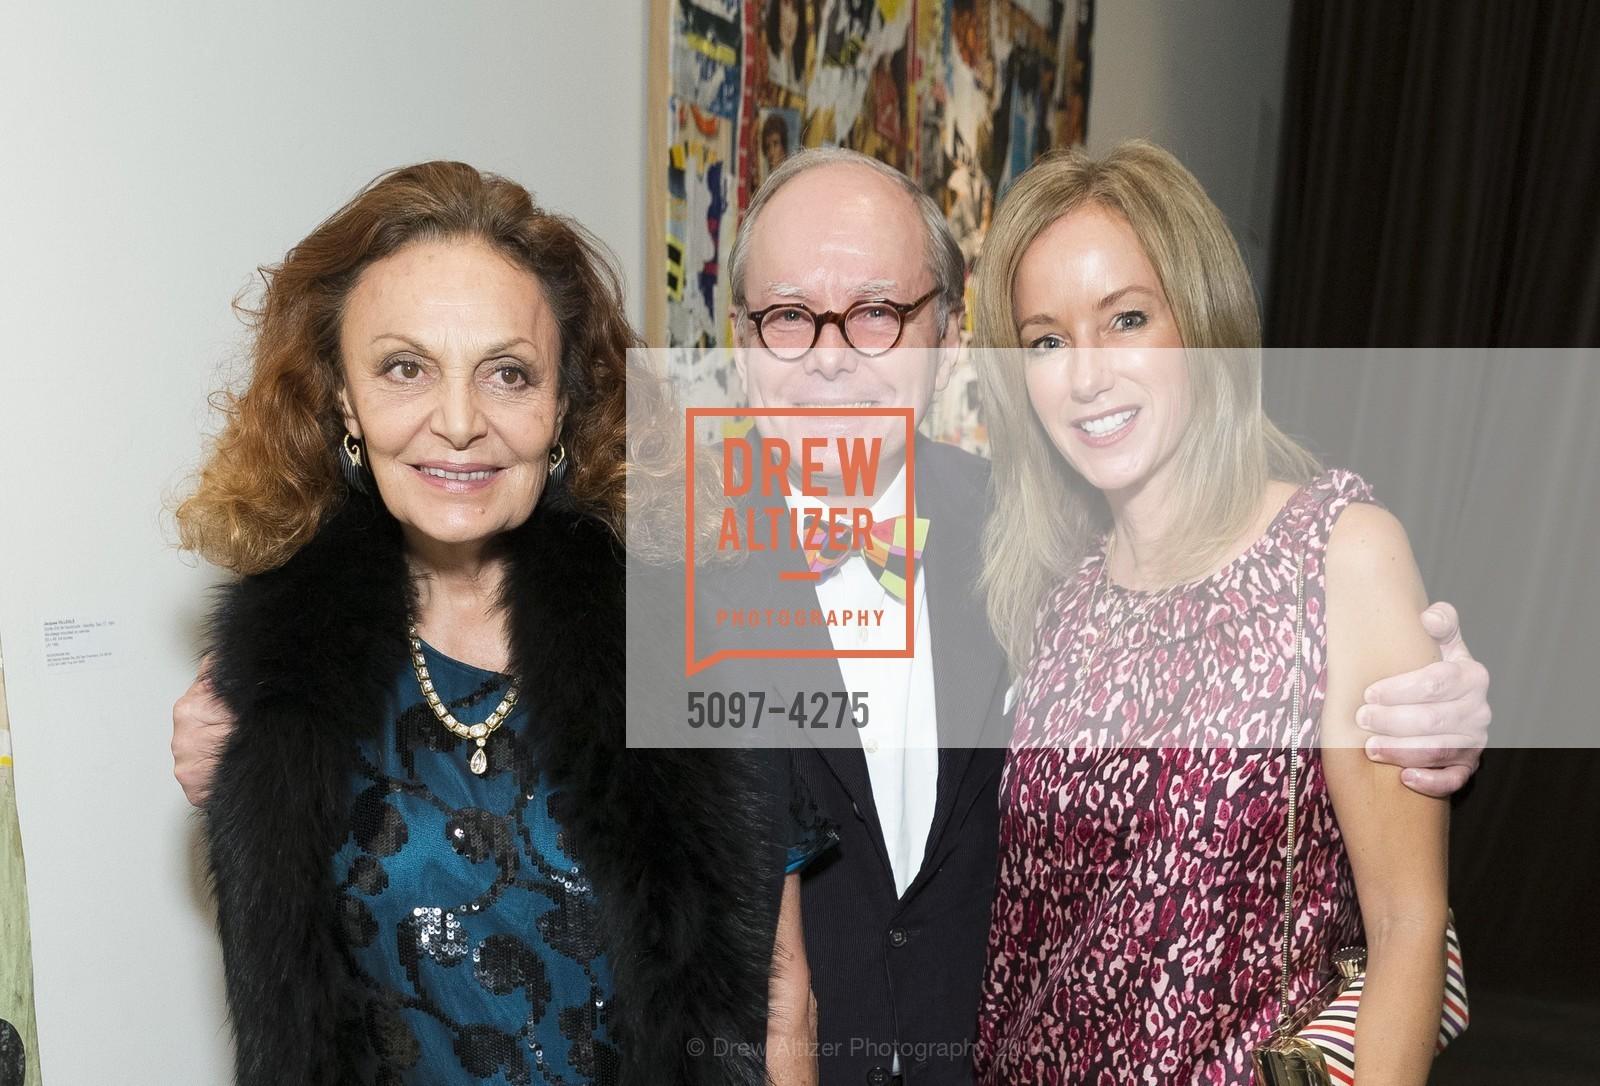 Diane von Furstenberg, Martin Wheeler, Julian Guthrie, Photo #5097-4275